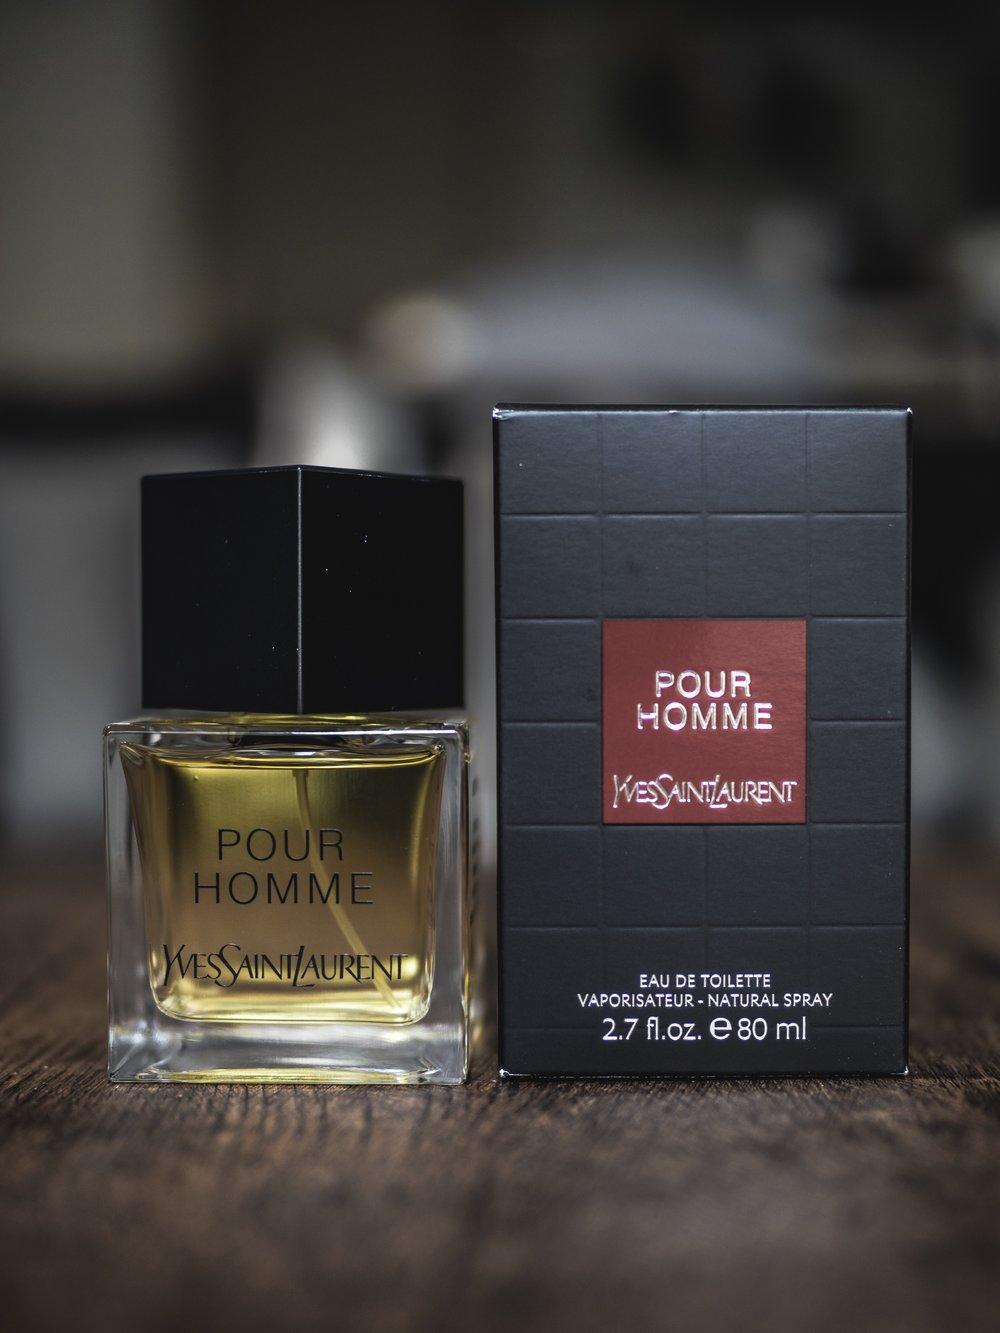 Yves Saint Laurent Pour Homme Review